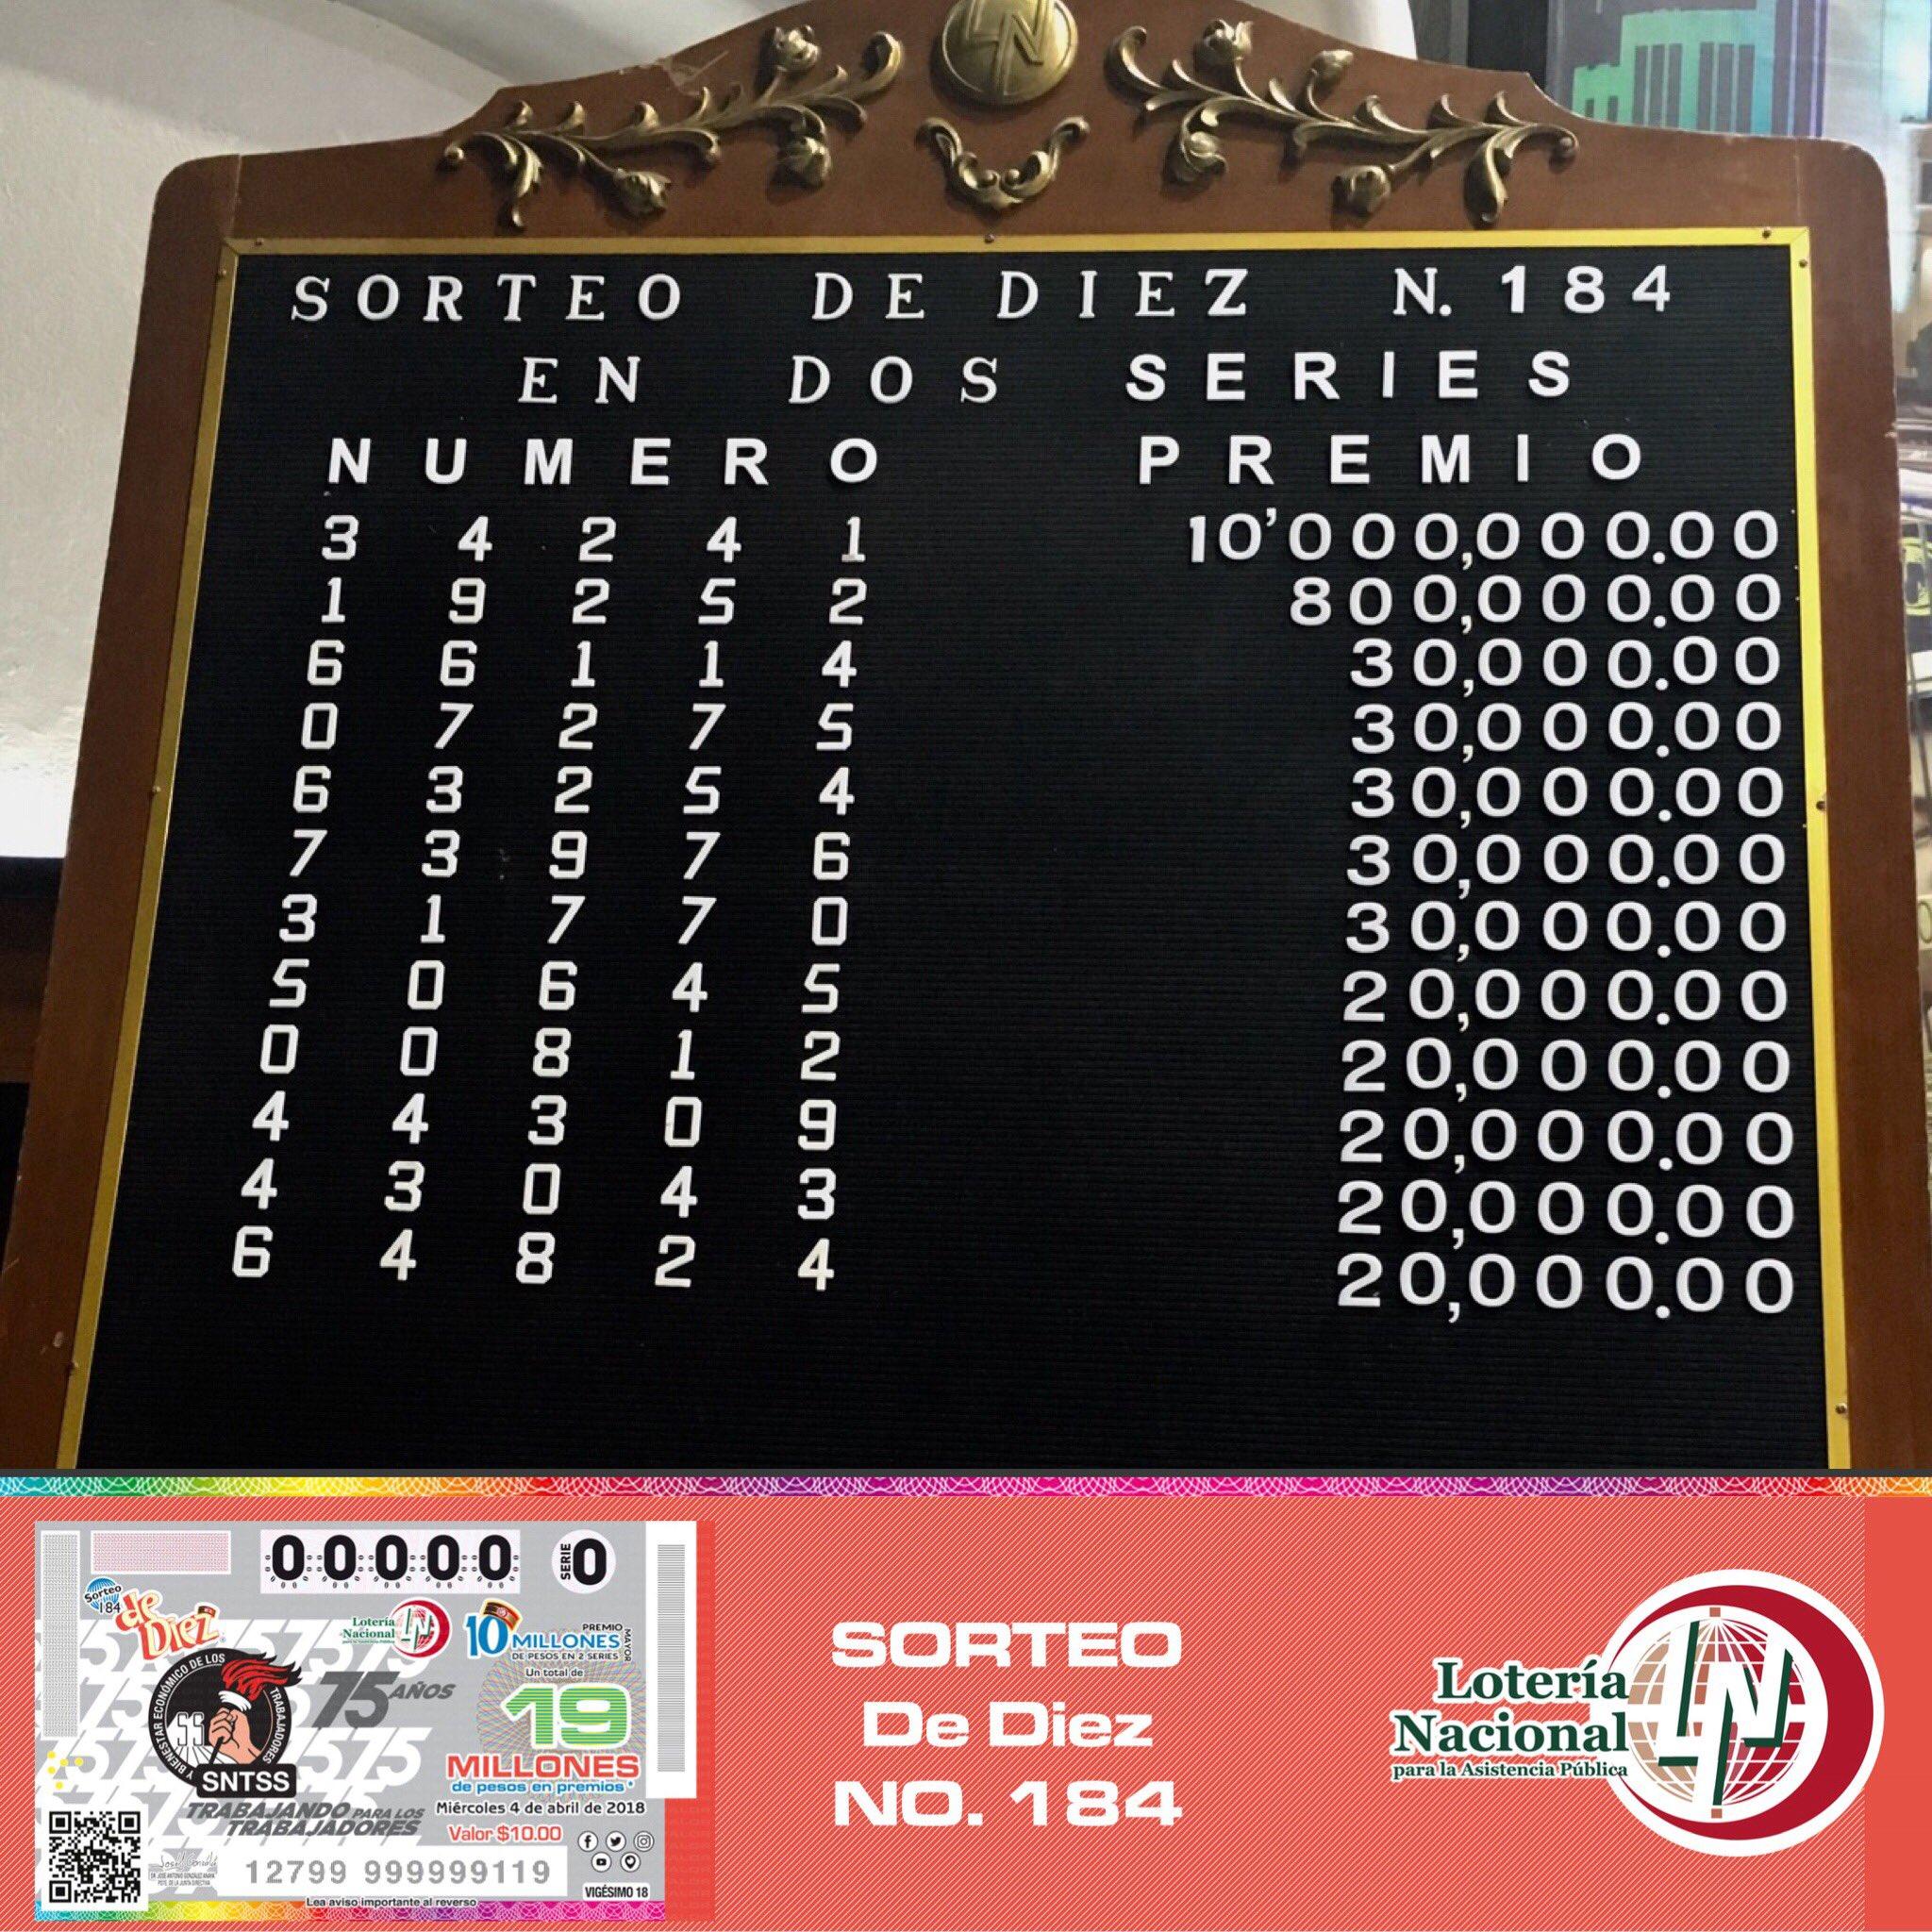 Resultados sorteo de diez, 184